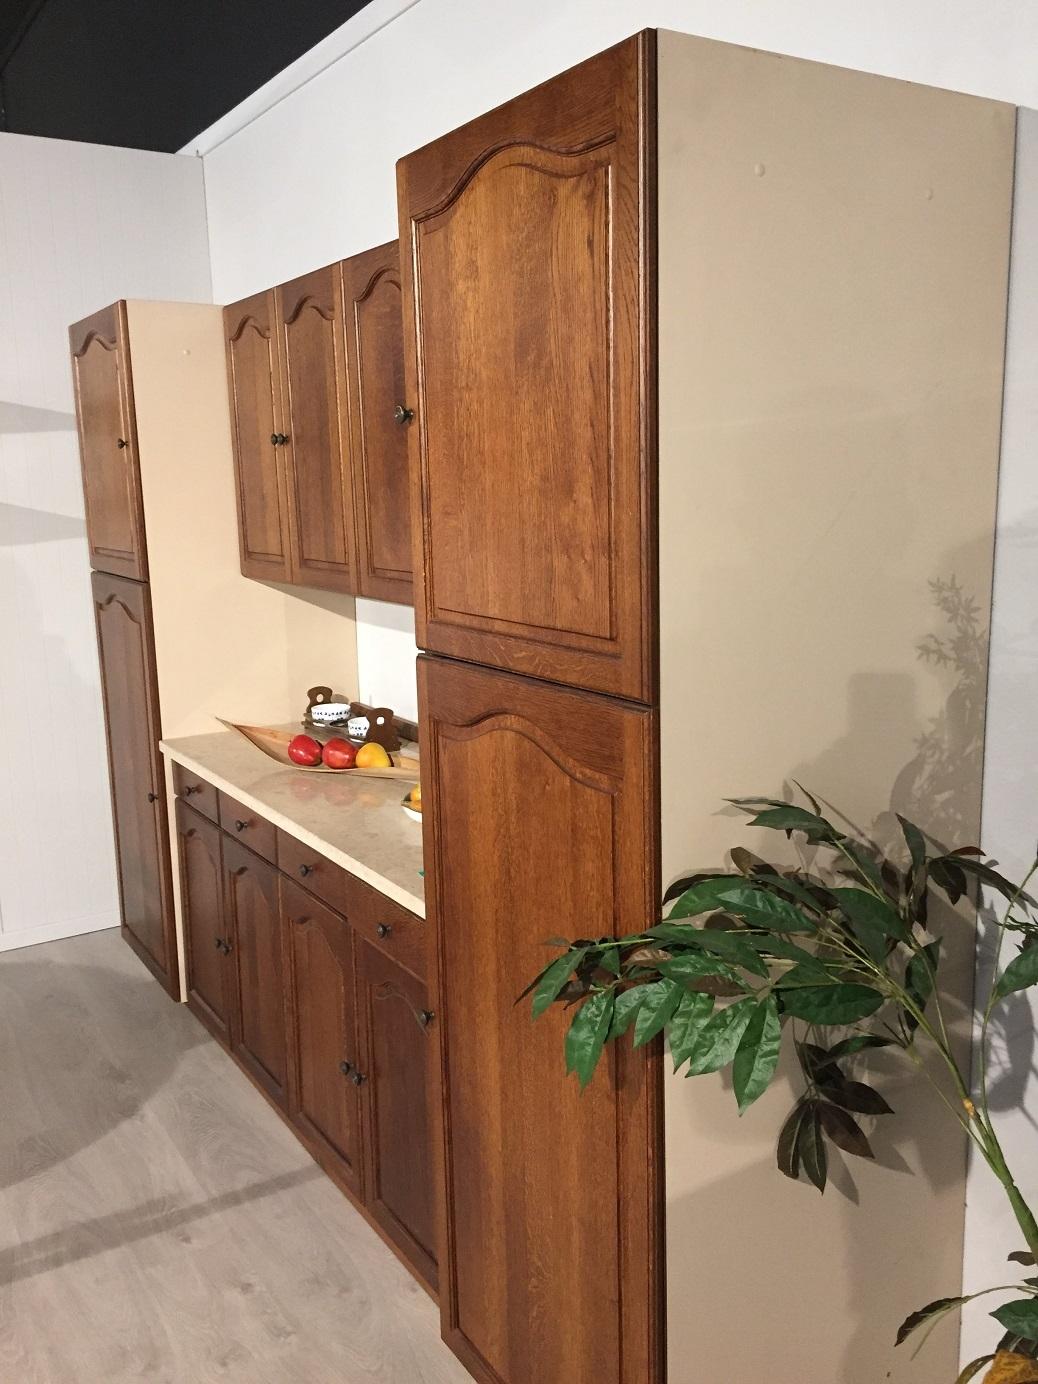 Stunning Mobili Tinello Soggiorno Images - Home Design Inspiration ...